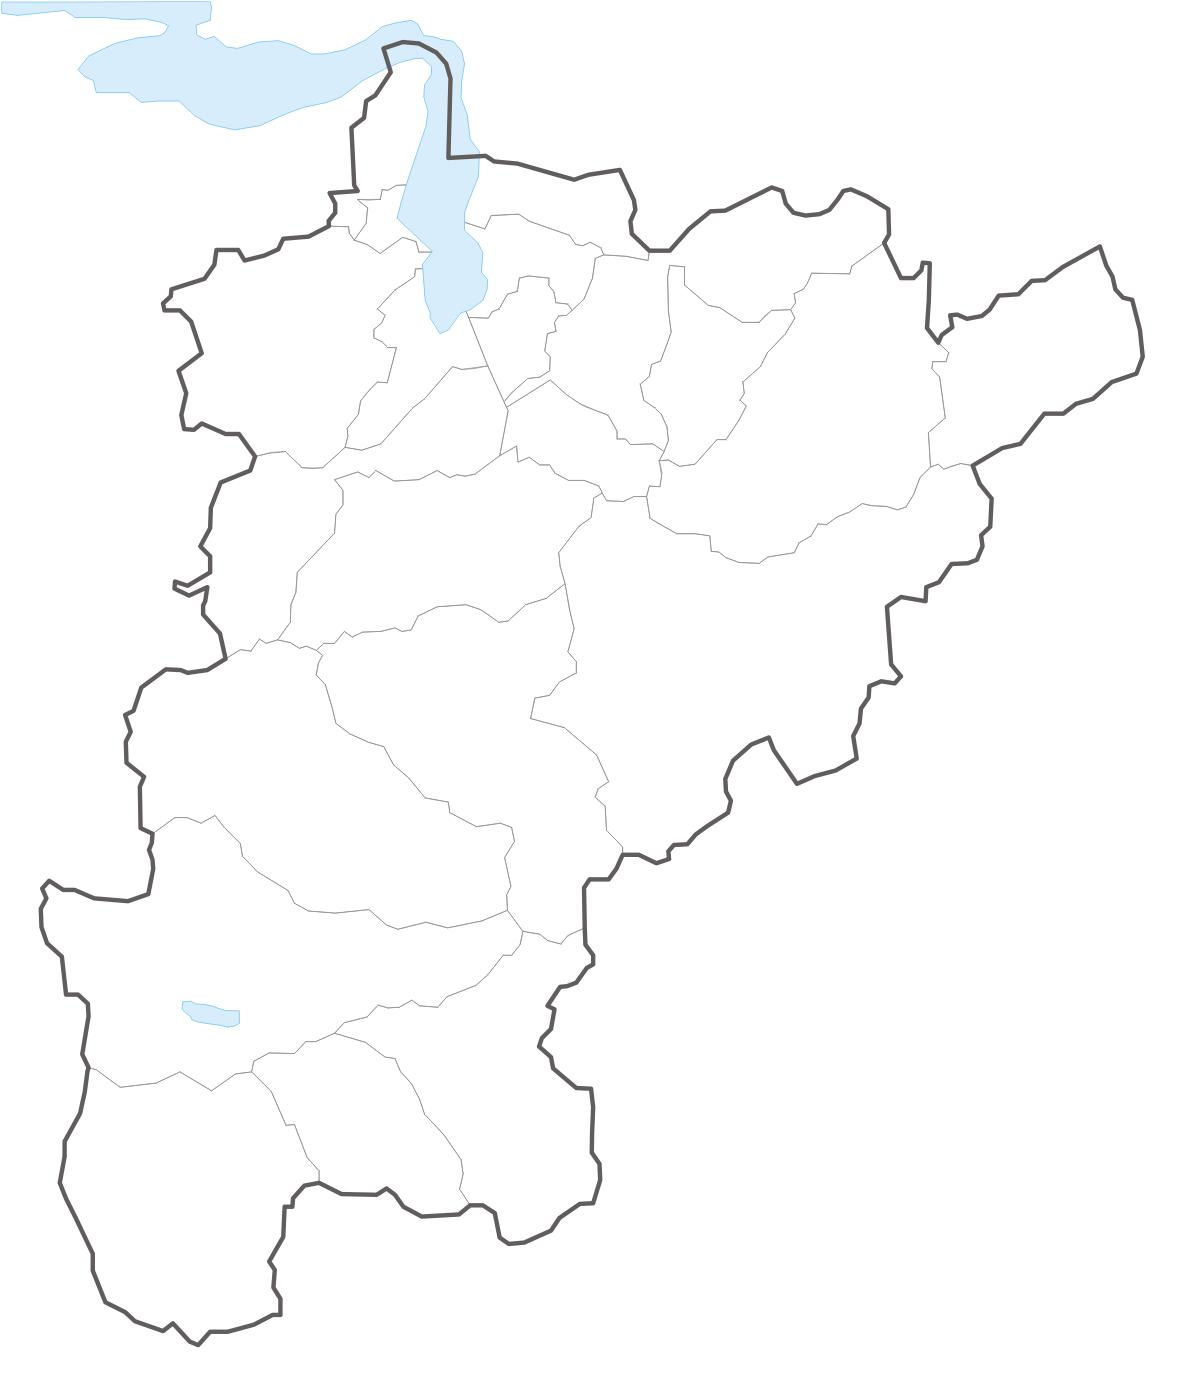 File:Karte Gemeinden des Kantons Uri 2007 blank.png